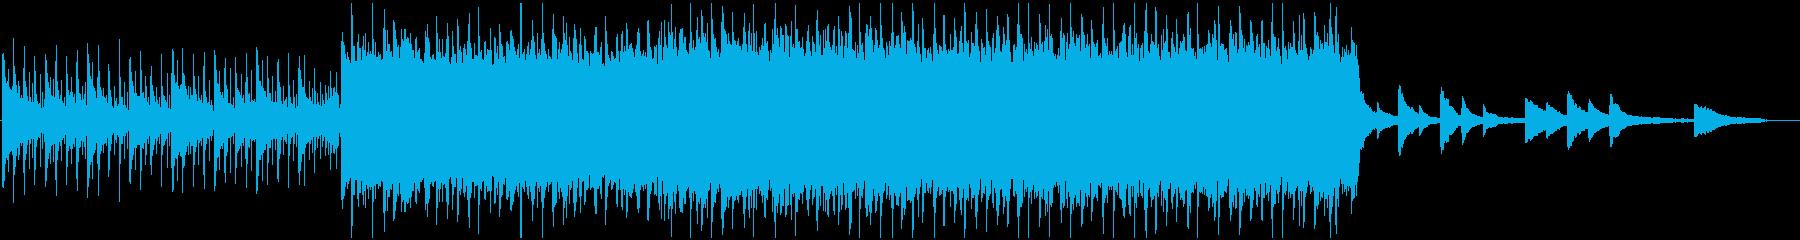 ギターを使ったオープニング系BGMの再生済みの波形